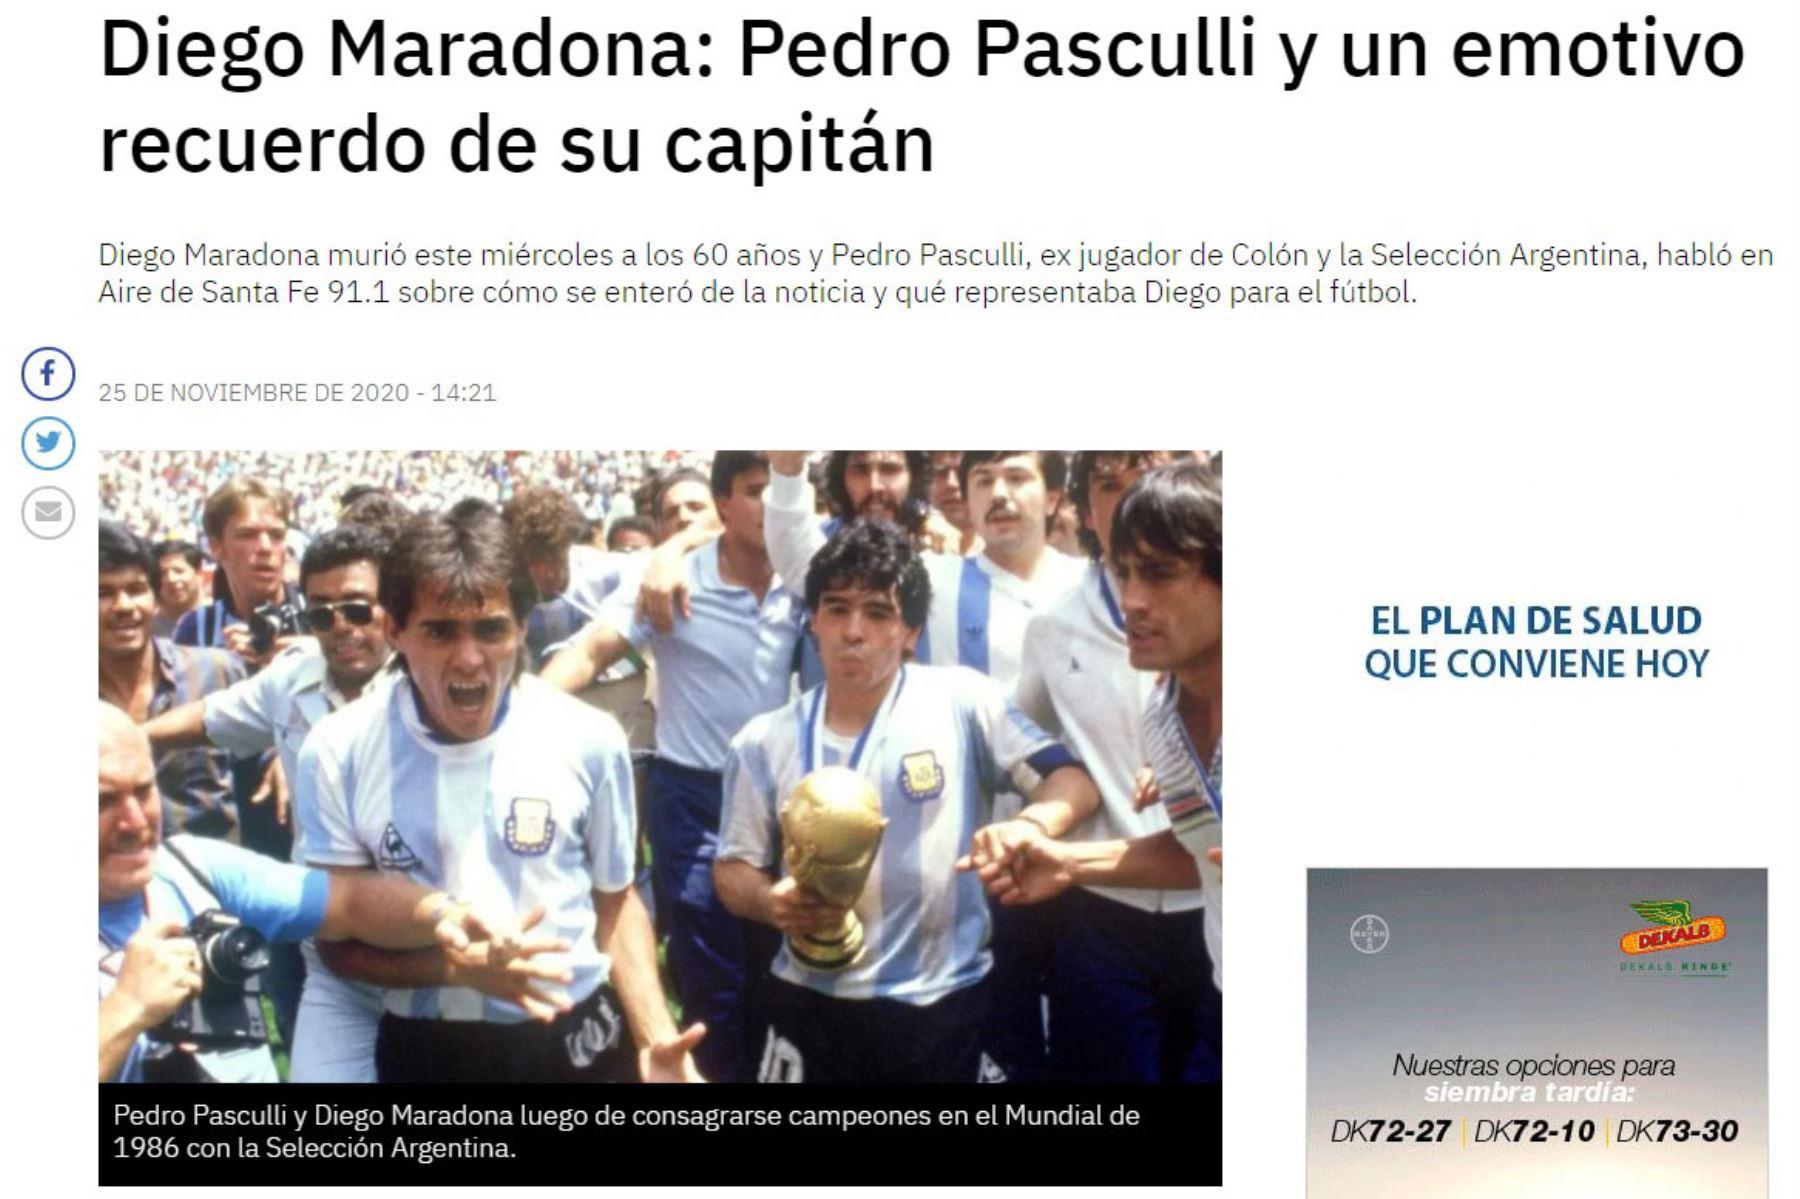 El ex futbolista Pedro Pasculli y un emotivo recuerdo de su capitán Diego Armando Maradona. Foto: Aire Digital